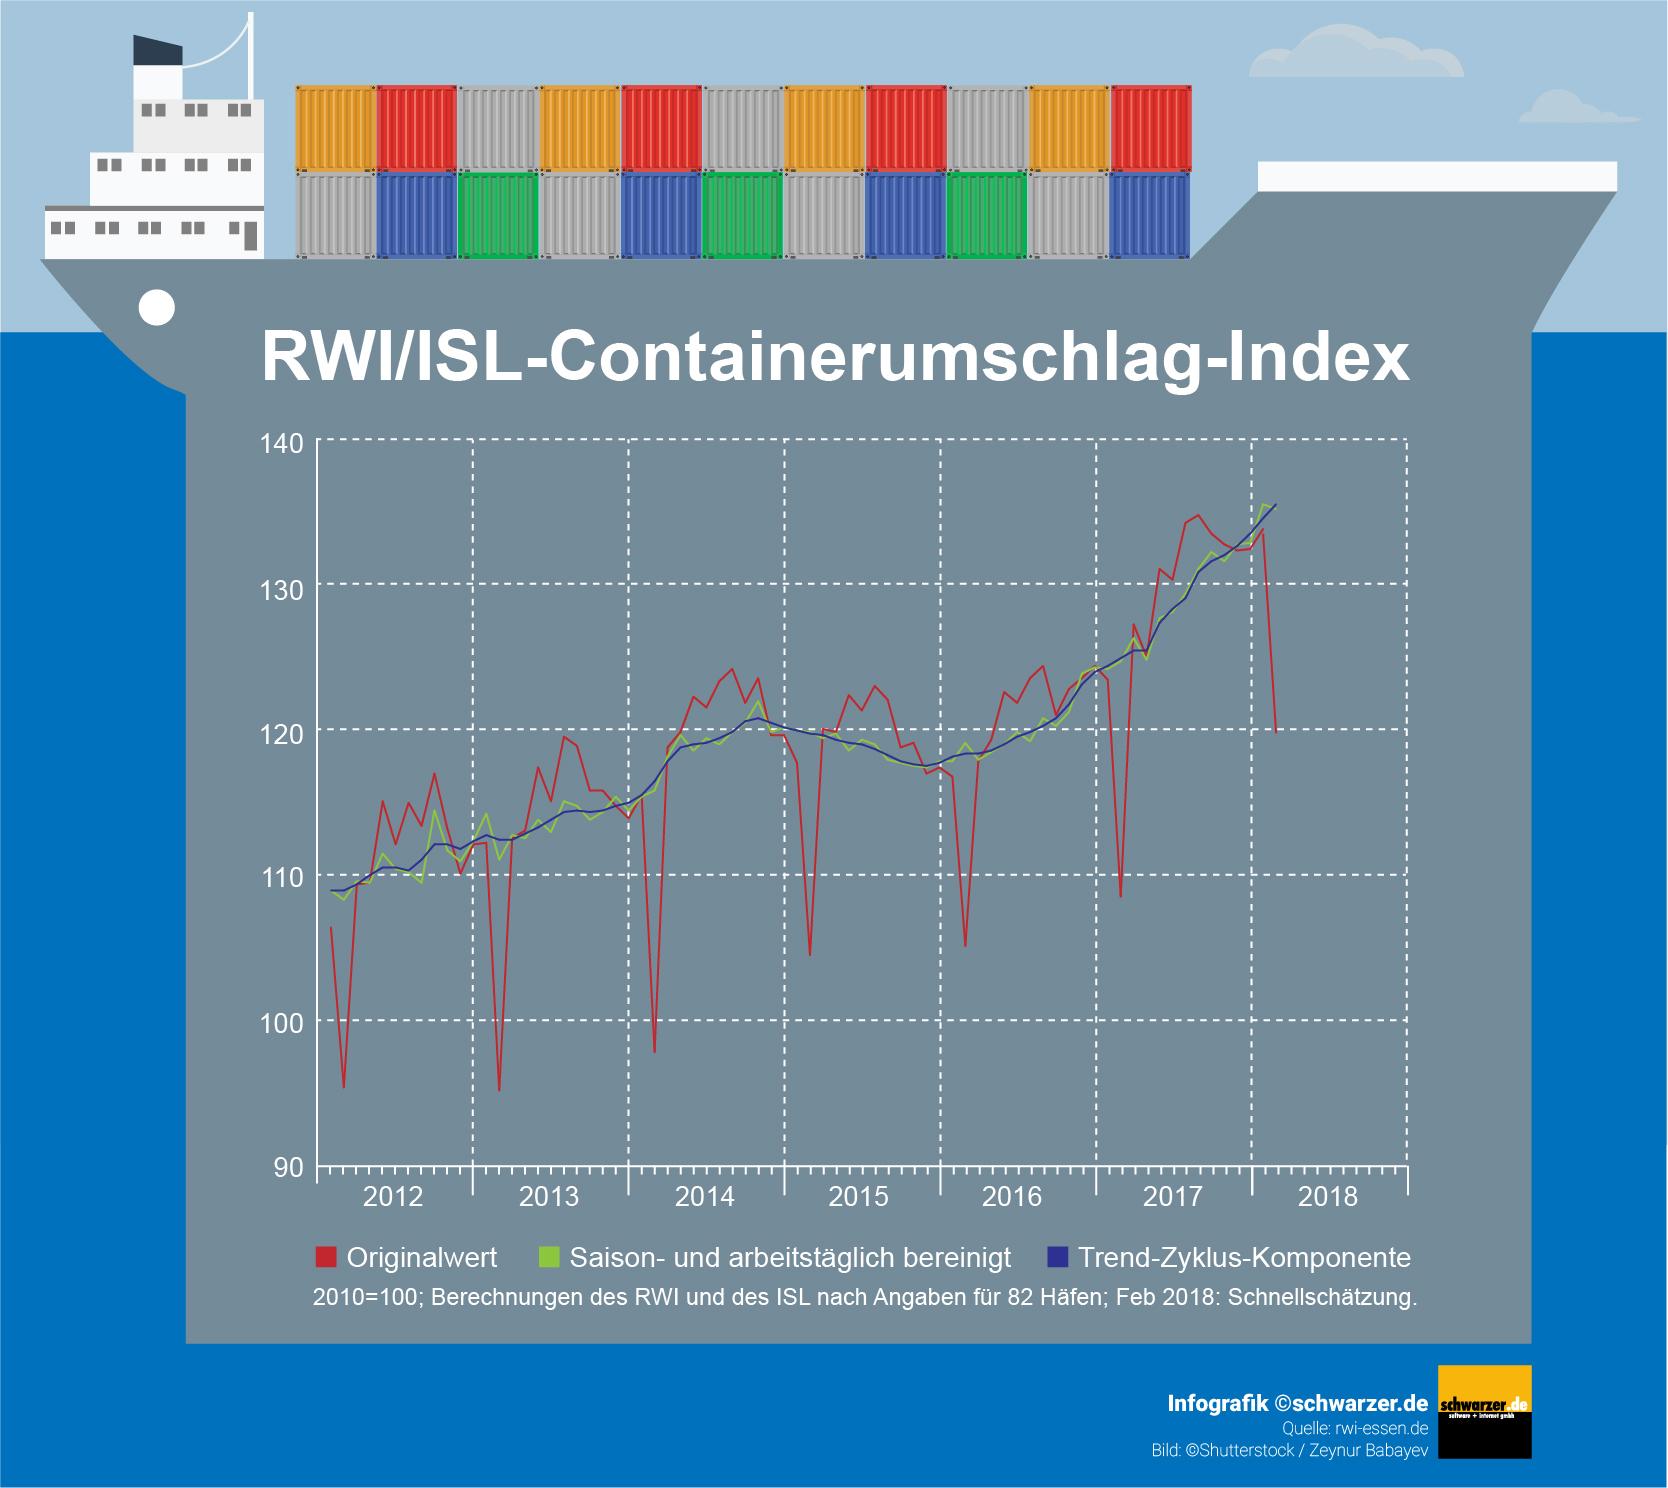 Infografik: Containerumschlags-Index im Monat Februar 2018 mit einem leichten Rückgang.